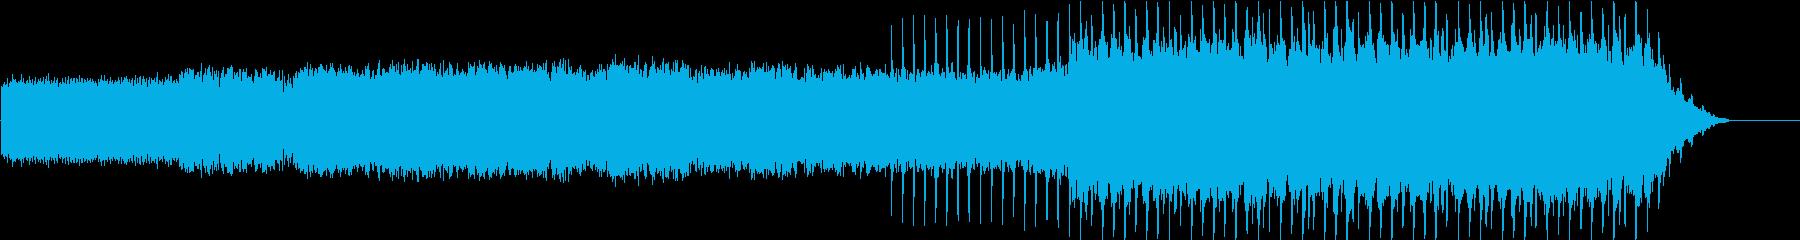 ミニマルテクノなレトロゲーム風ループの再生済みの波形